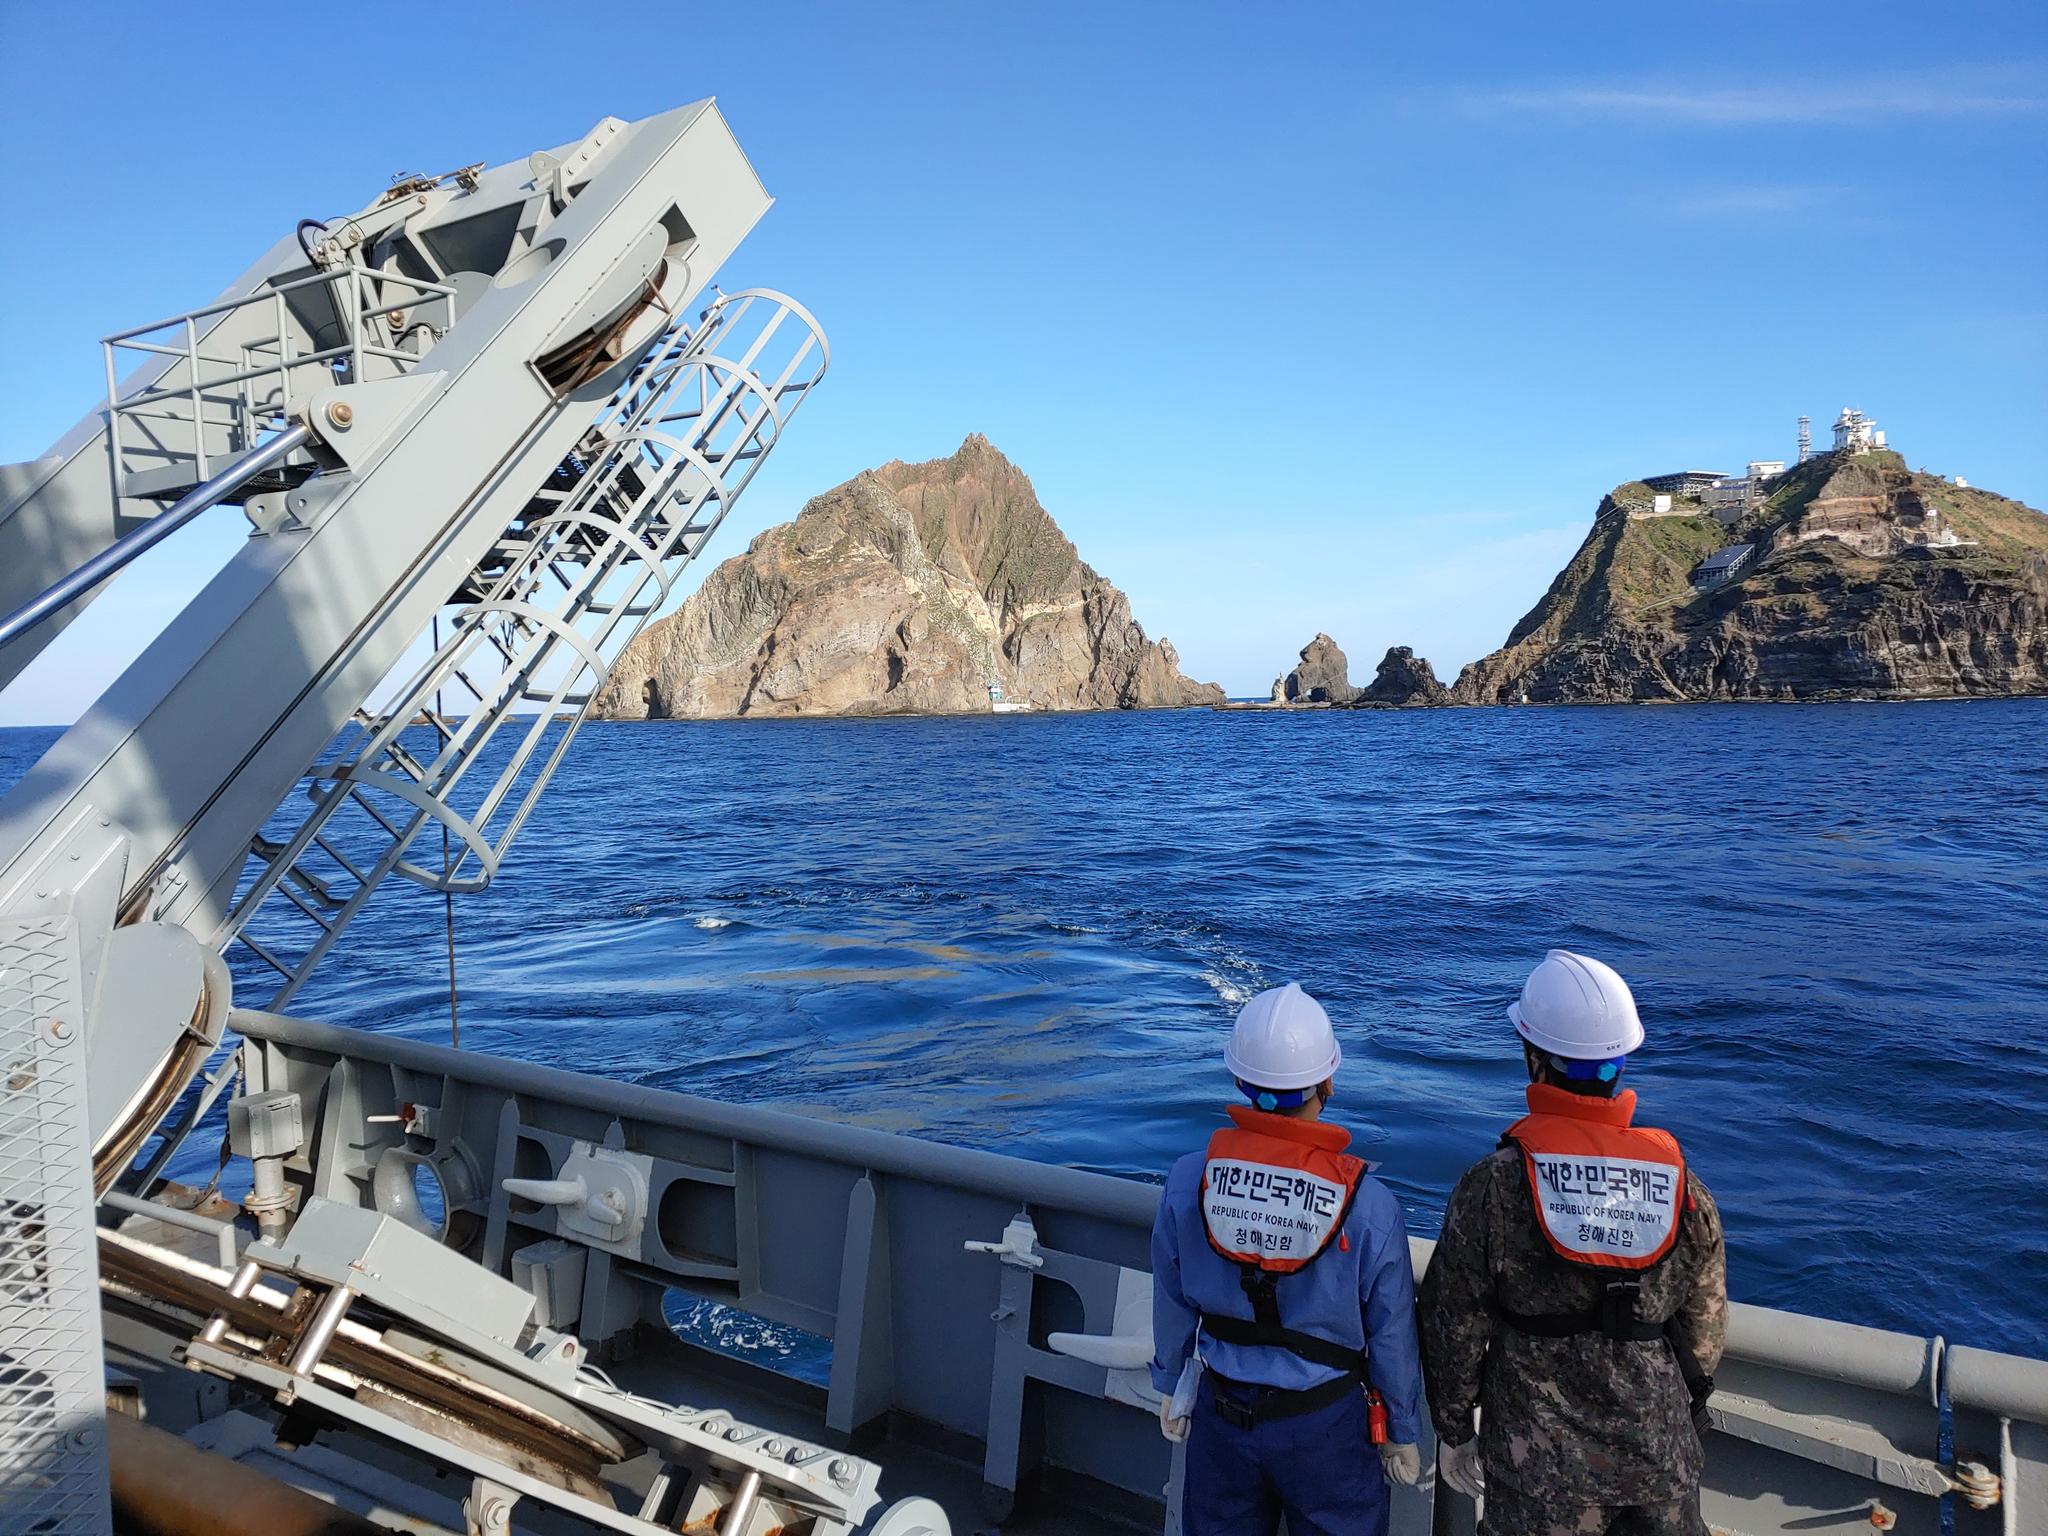 2일 독도 근해에서 해군 청해진함이 지난 31일 응급환자 이송 중 추락한 소방헬기를 수색하기 위해 수중무인 탐색을 하고 있다. [사진 해양경찰청]